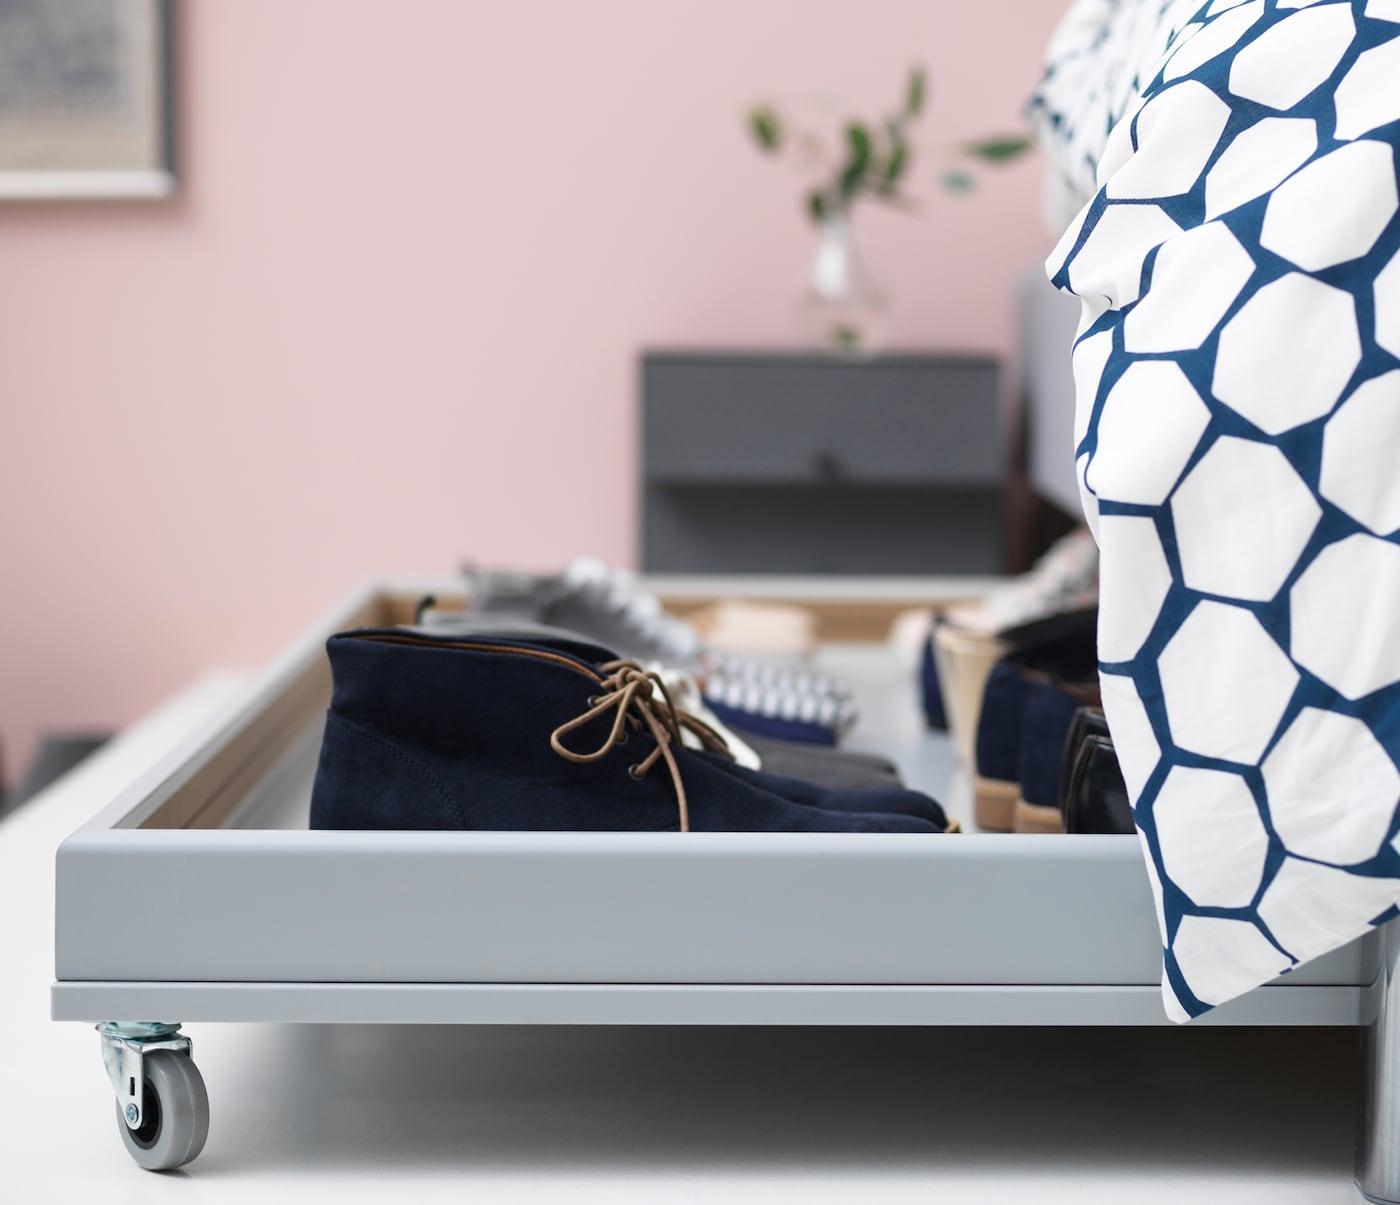 Vue de côté d'une boîte sur roulettes sortant de sa cachette en dessous du lit.